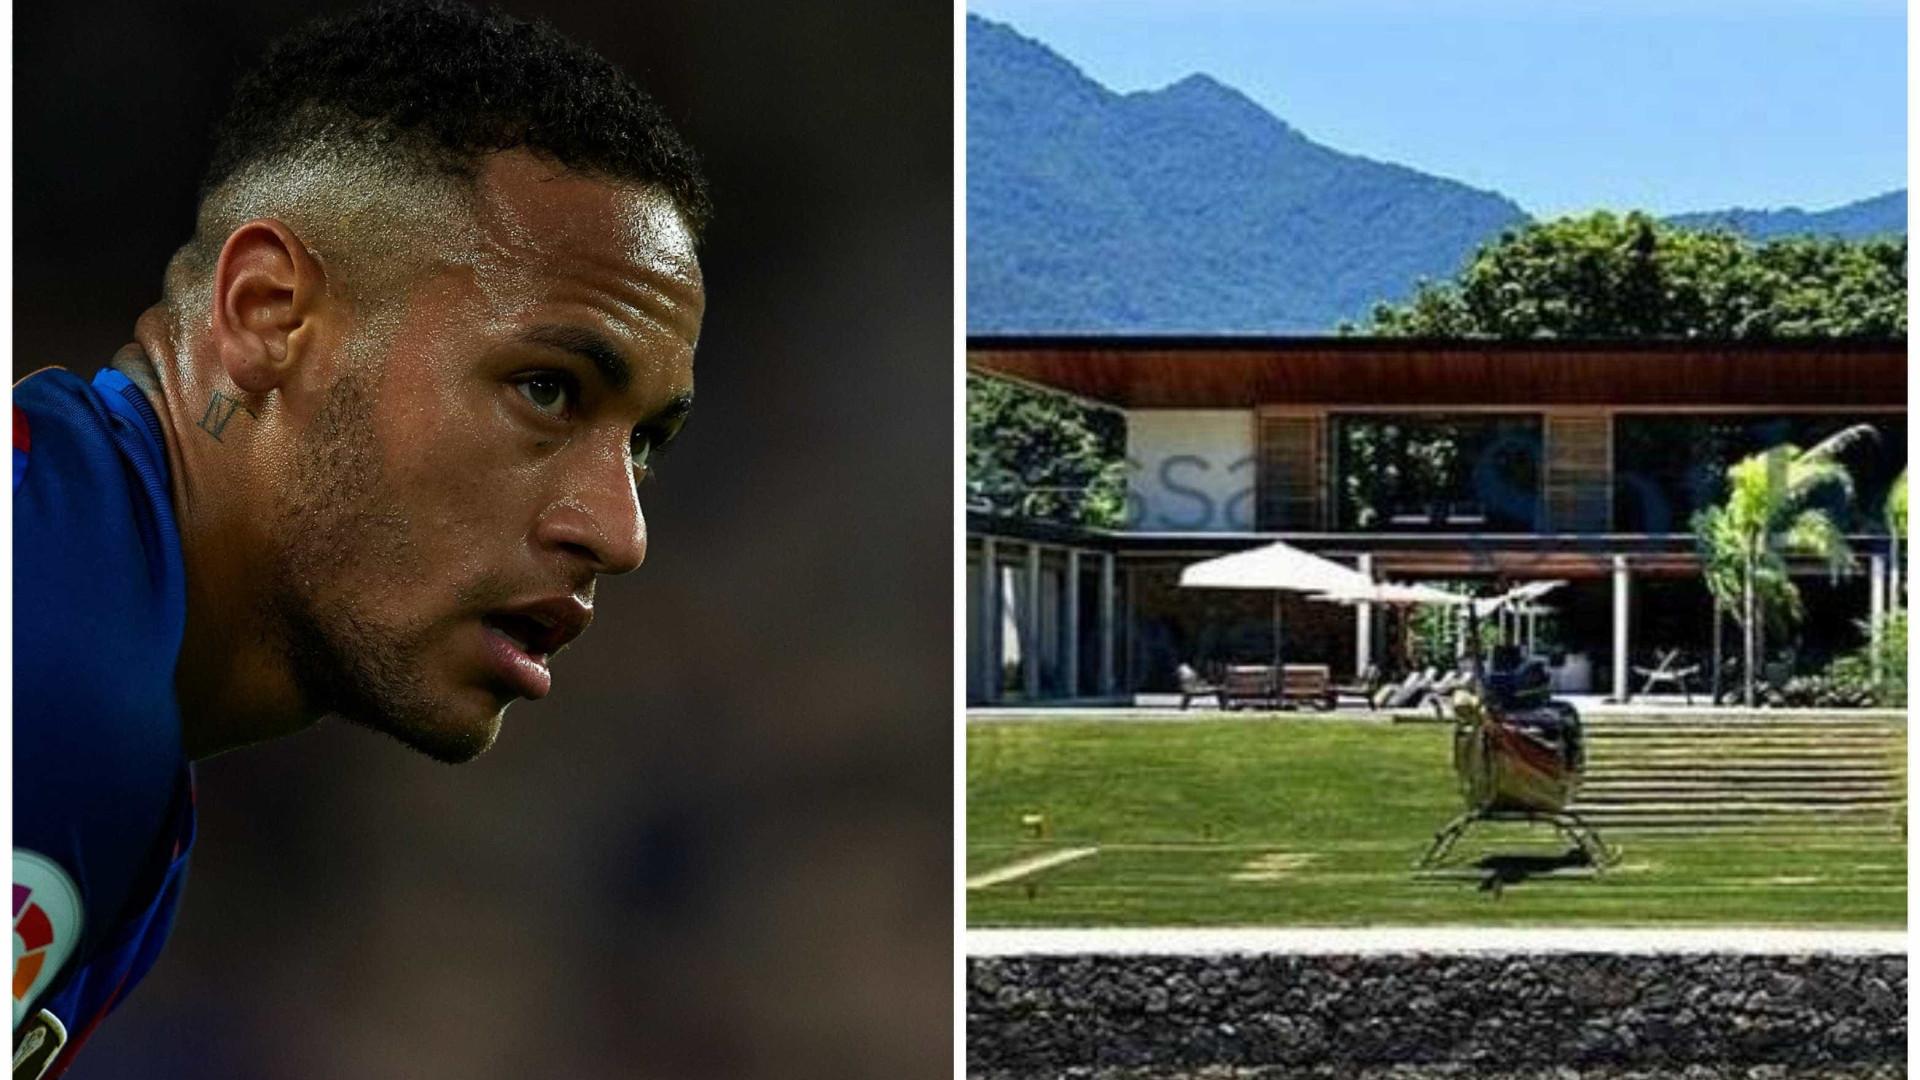 Neymar estreará mansão no Rio com superfesta no Réveillon; fotos